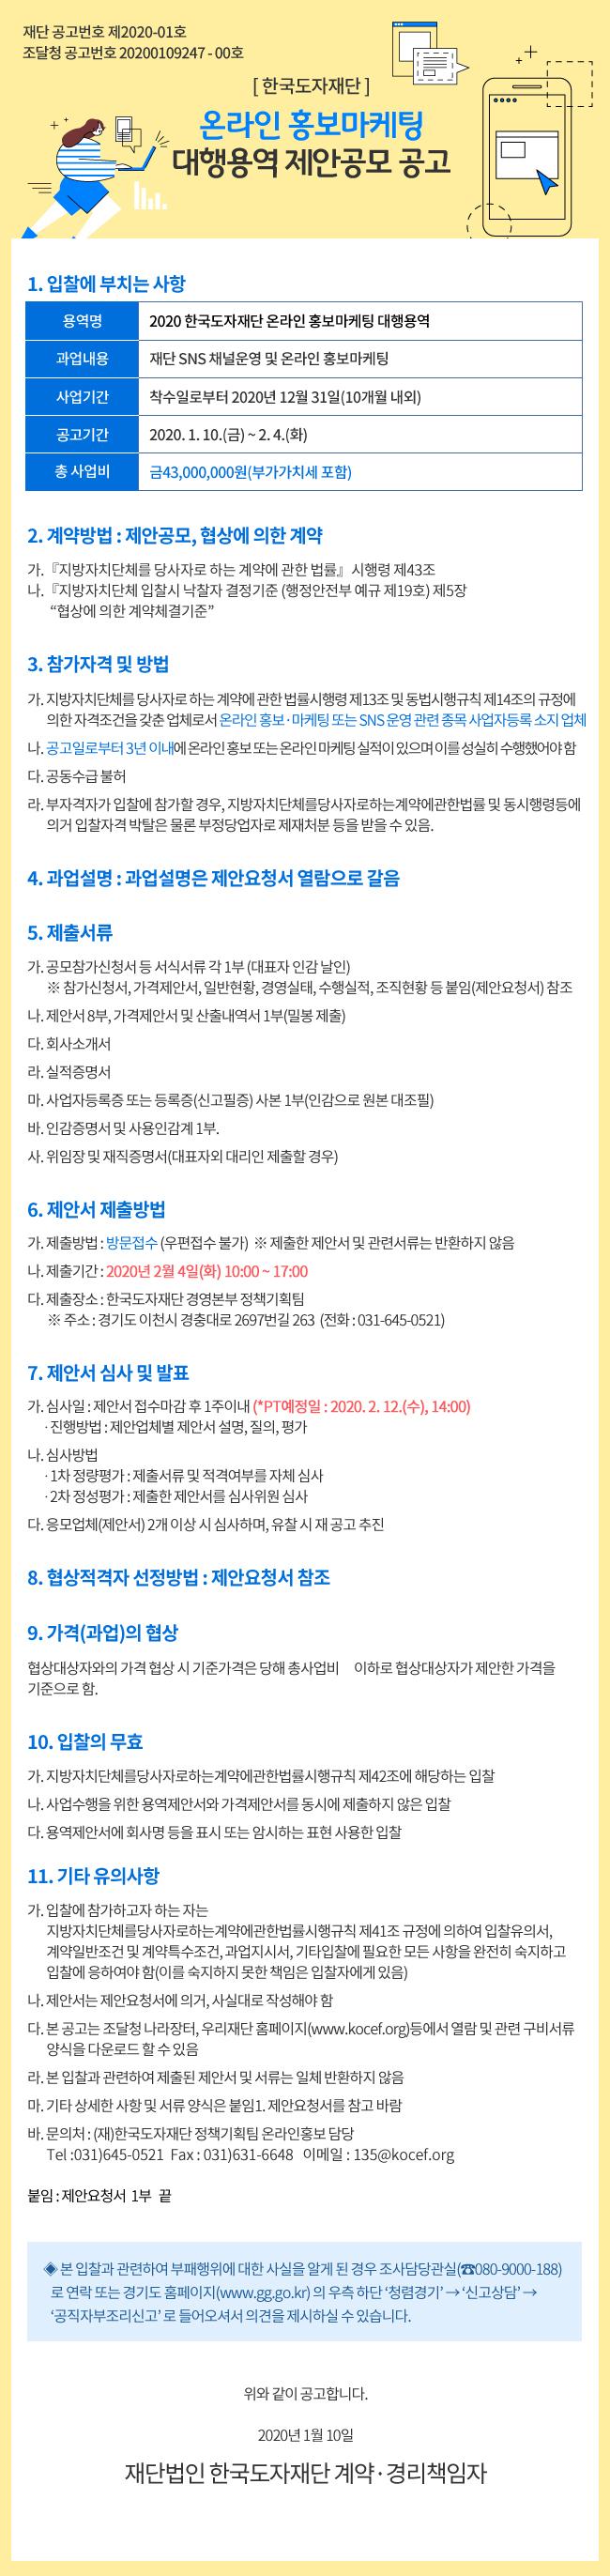 한국도자재단 온라인 홍보마케팅 대행용역 제안공모 공고